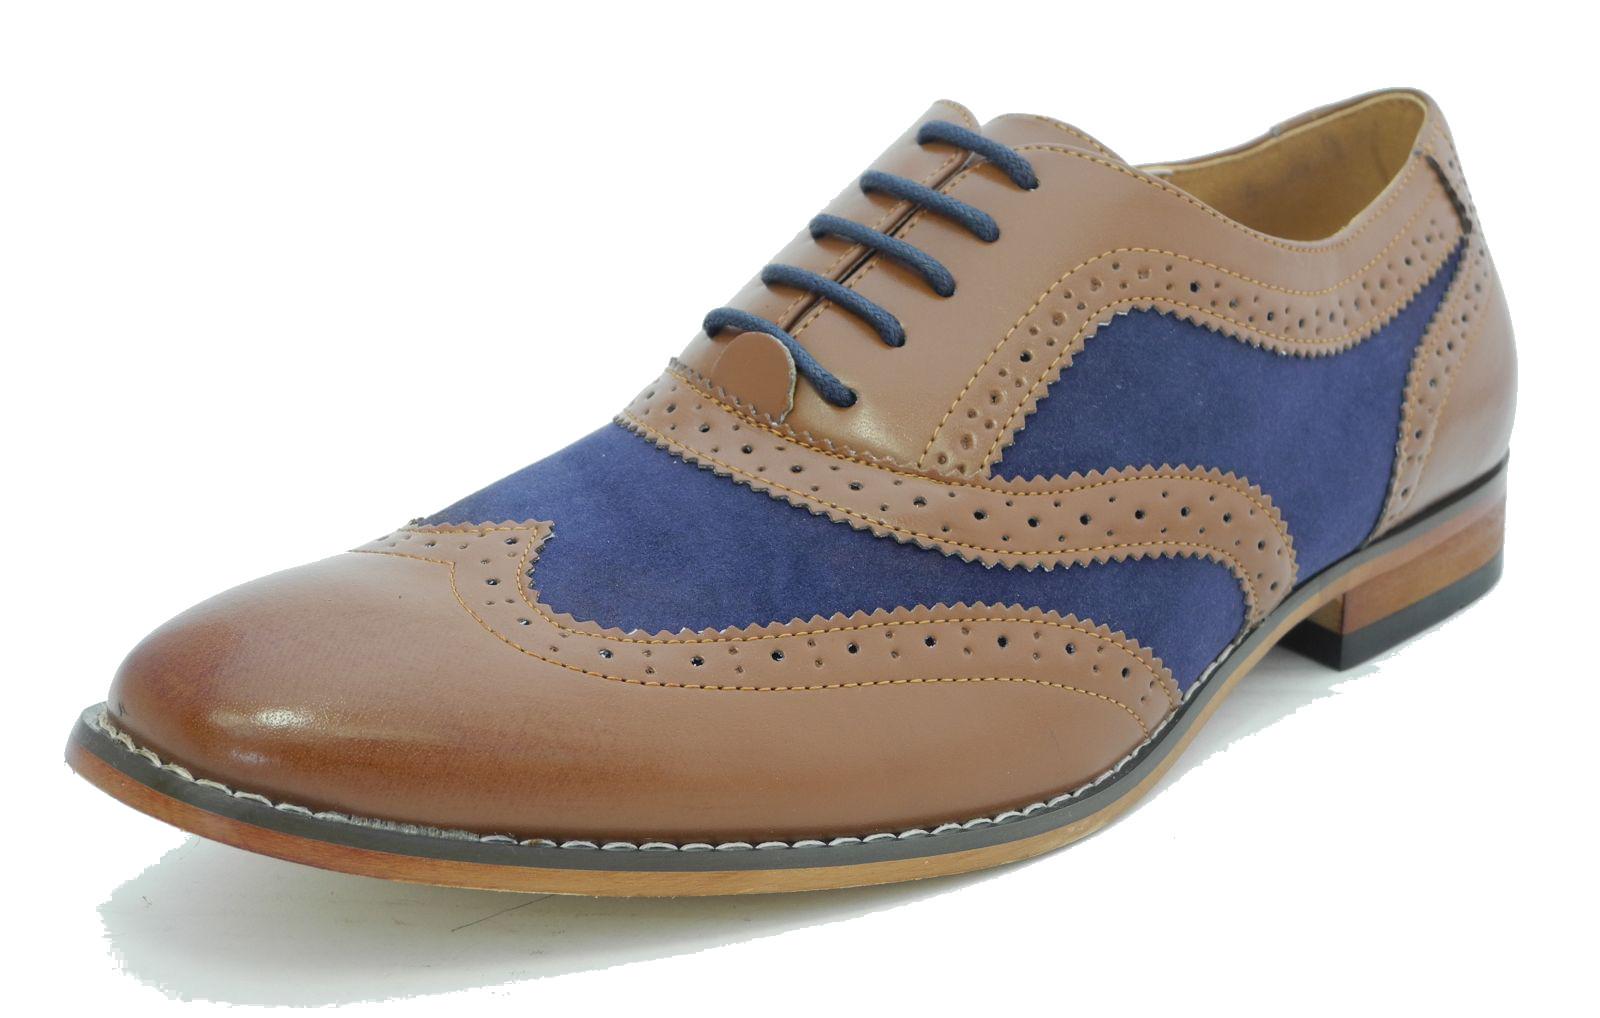 Blue Brogues Shoes Mens